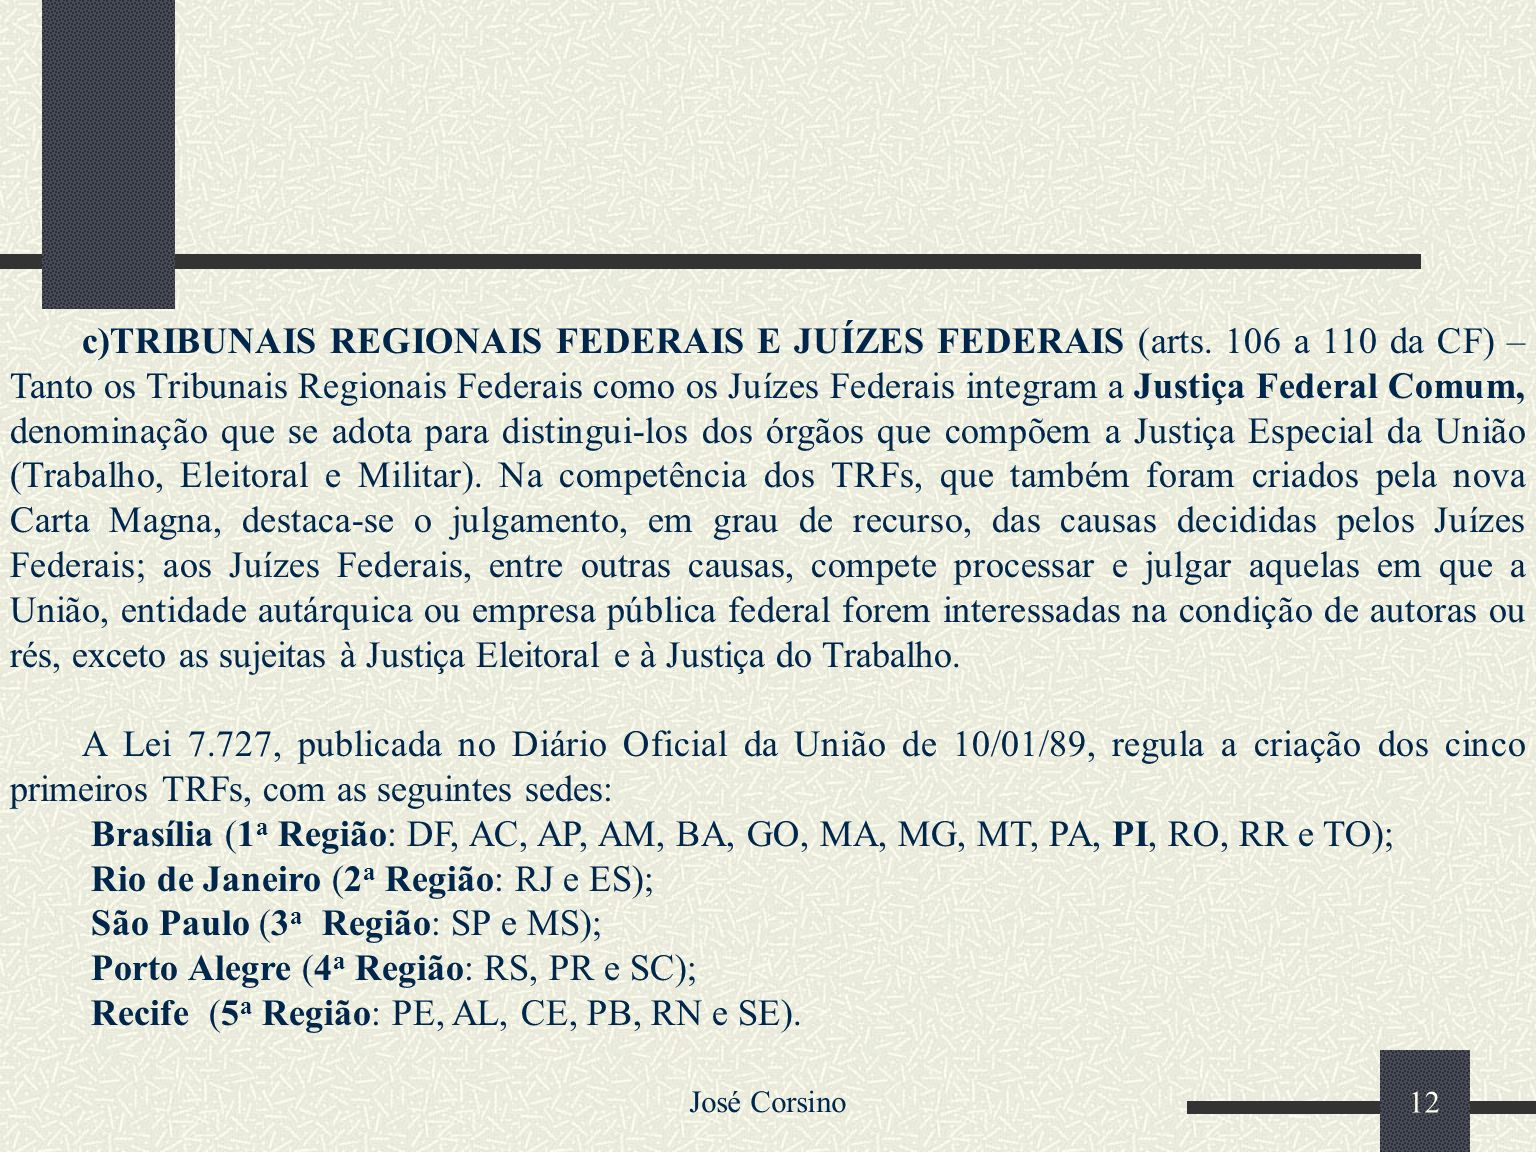 Rio de Janeiro (2a Região: RJ e ES); São Paulo (3a Região: SP e MS);